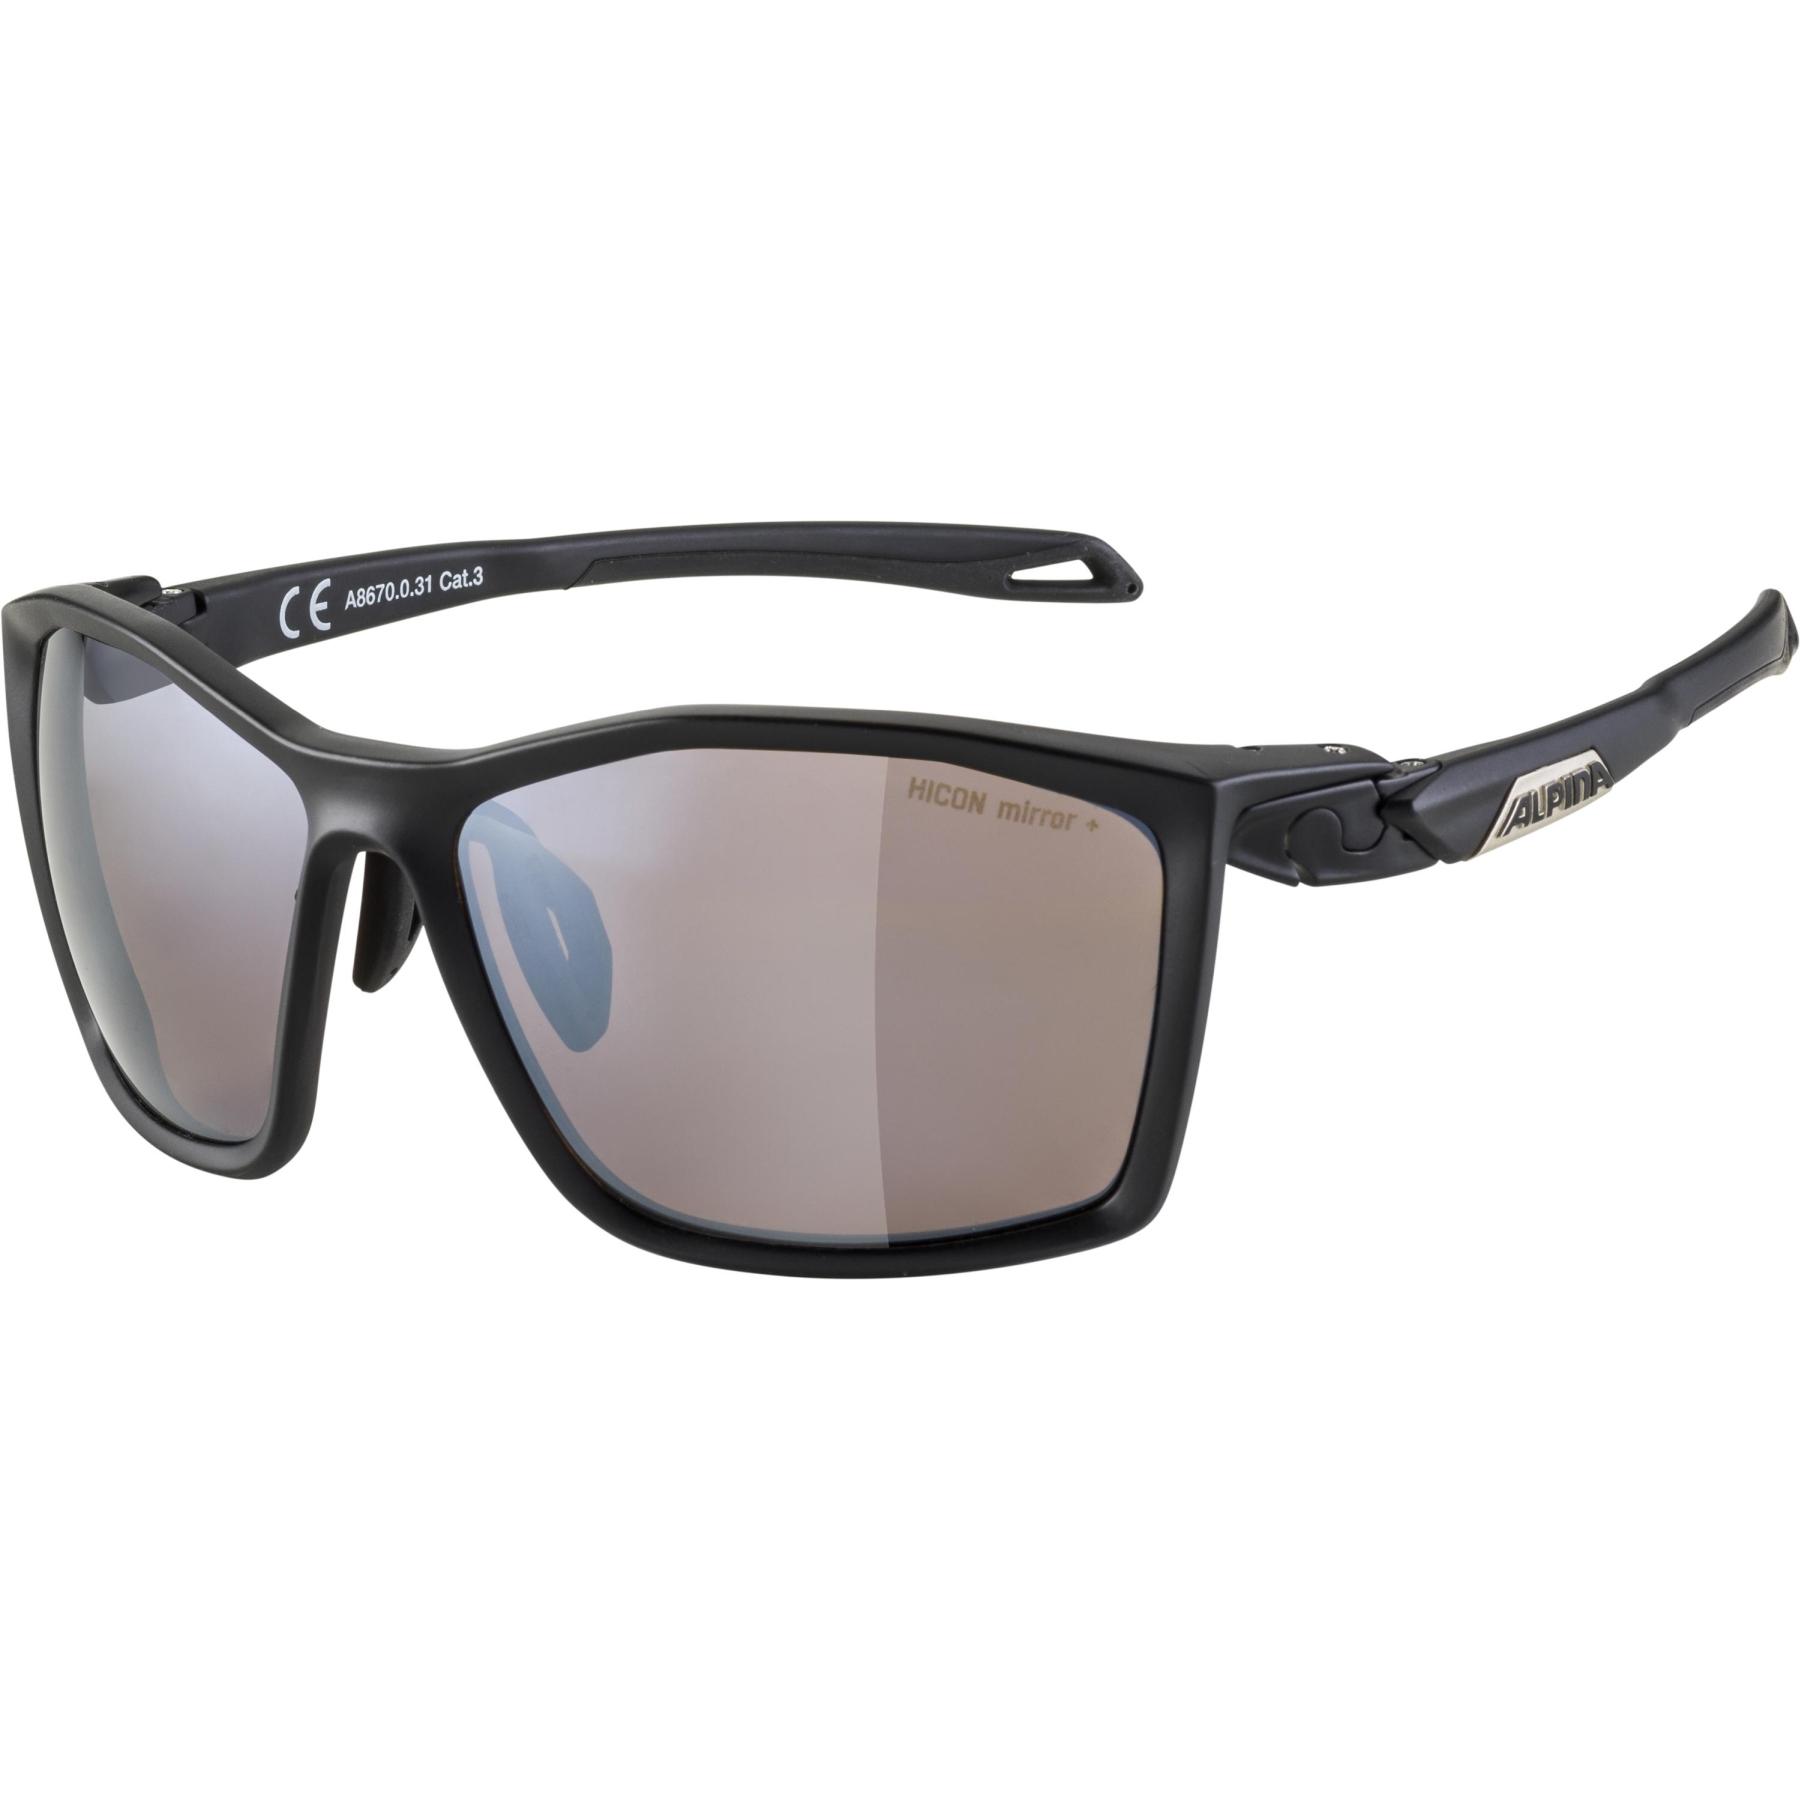 Alpina Twist five HM+ Glasses - black matt (silver) / Hicon black mirror